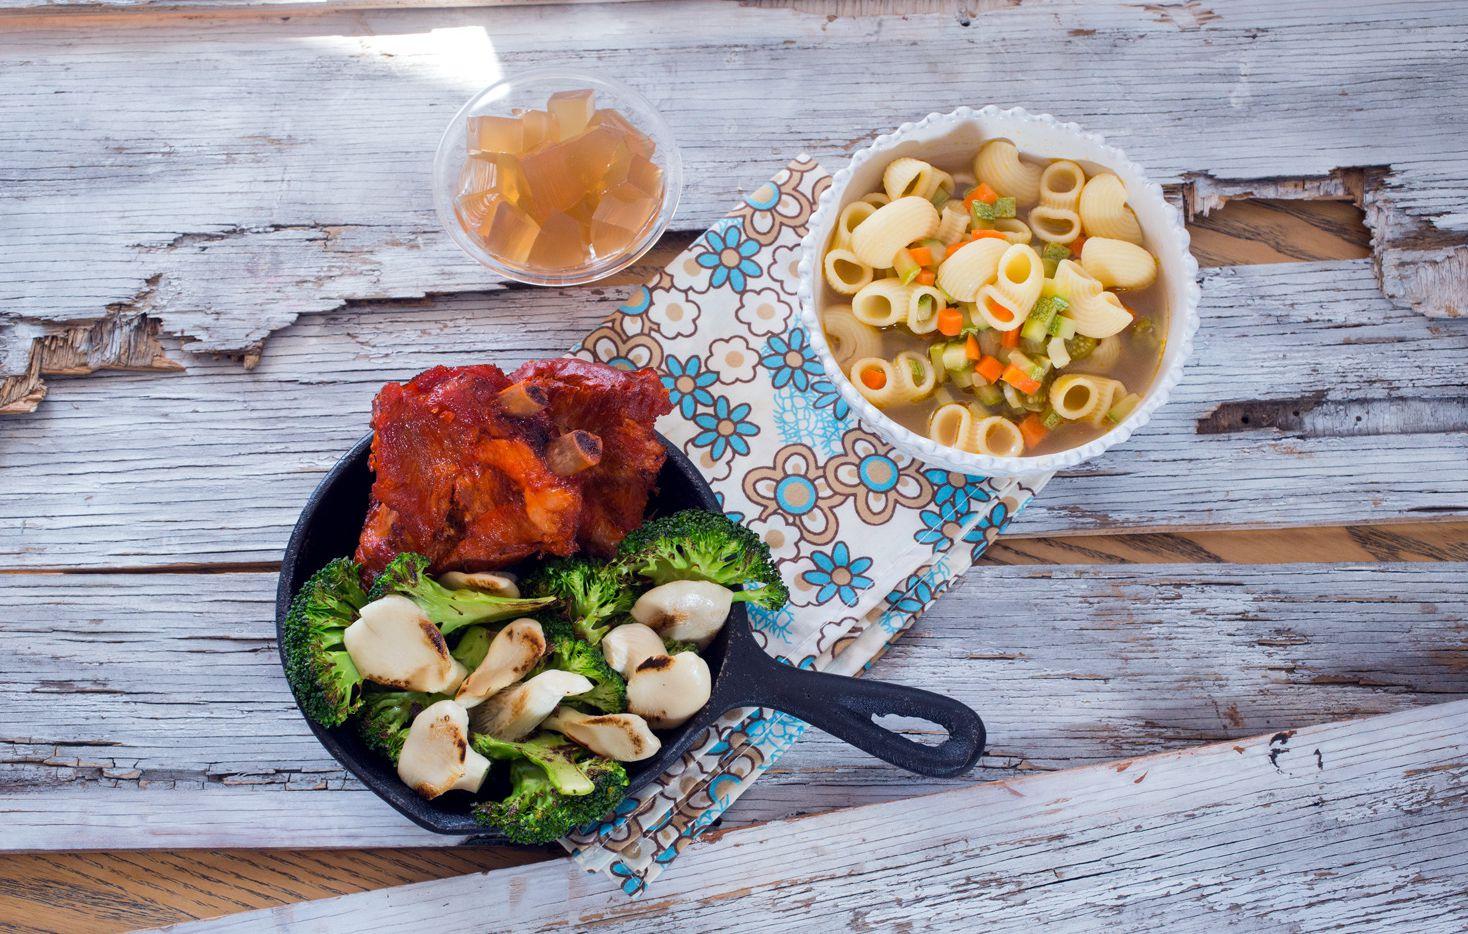 Costillas de cerdo acompañadas de sopa de verduras. AGENCIA REFORMA